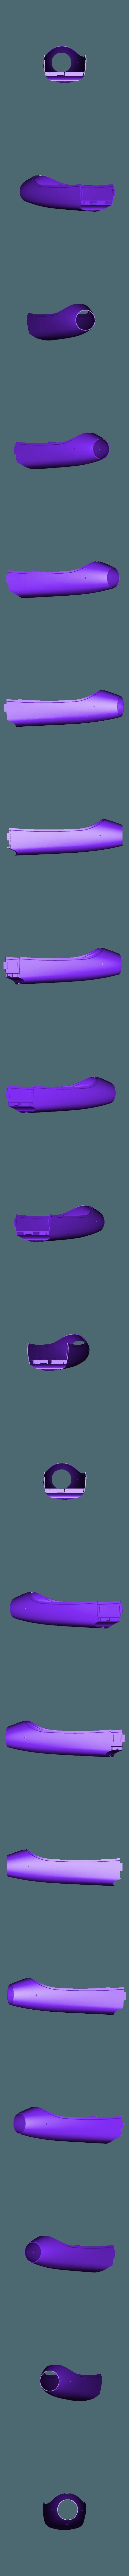 Fus1.stl Télécharger fichier STL gratuit Avion RC FPV - Fuselage modèle V • Plan pour imprimante 3D, Eclipson